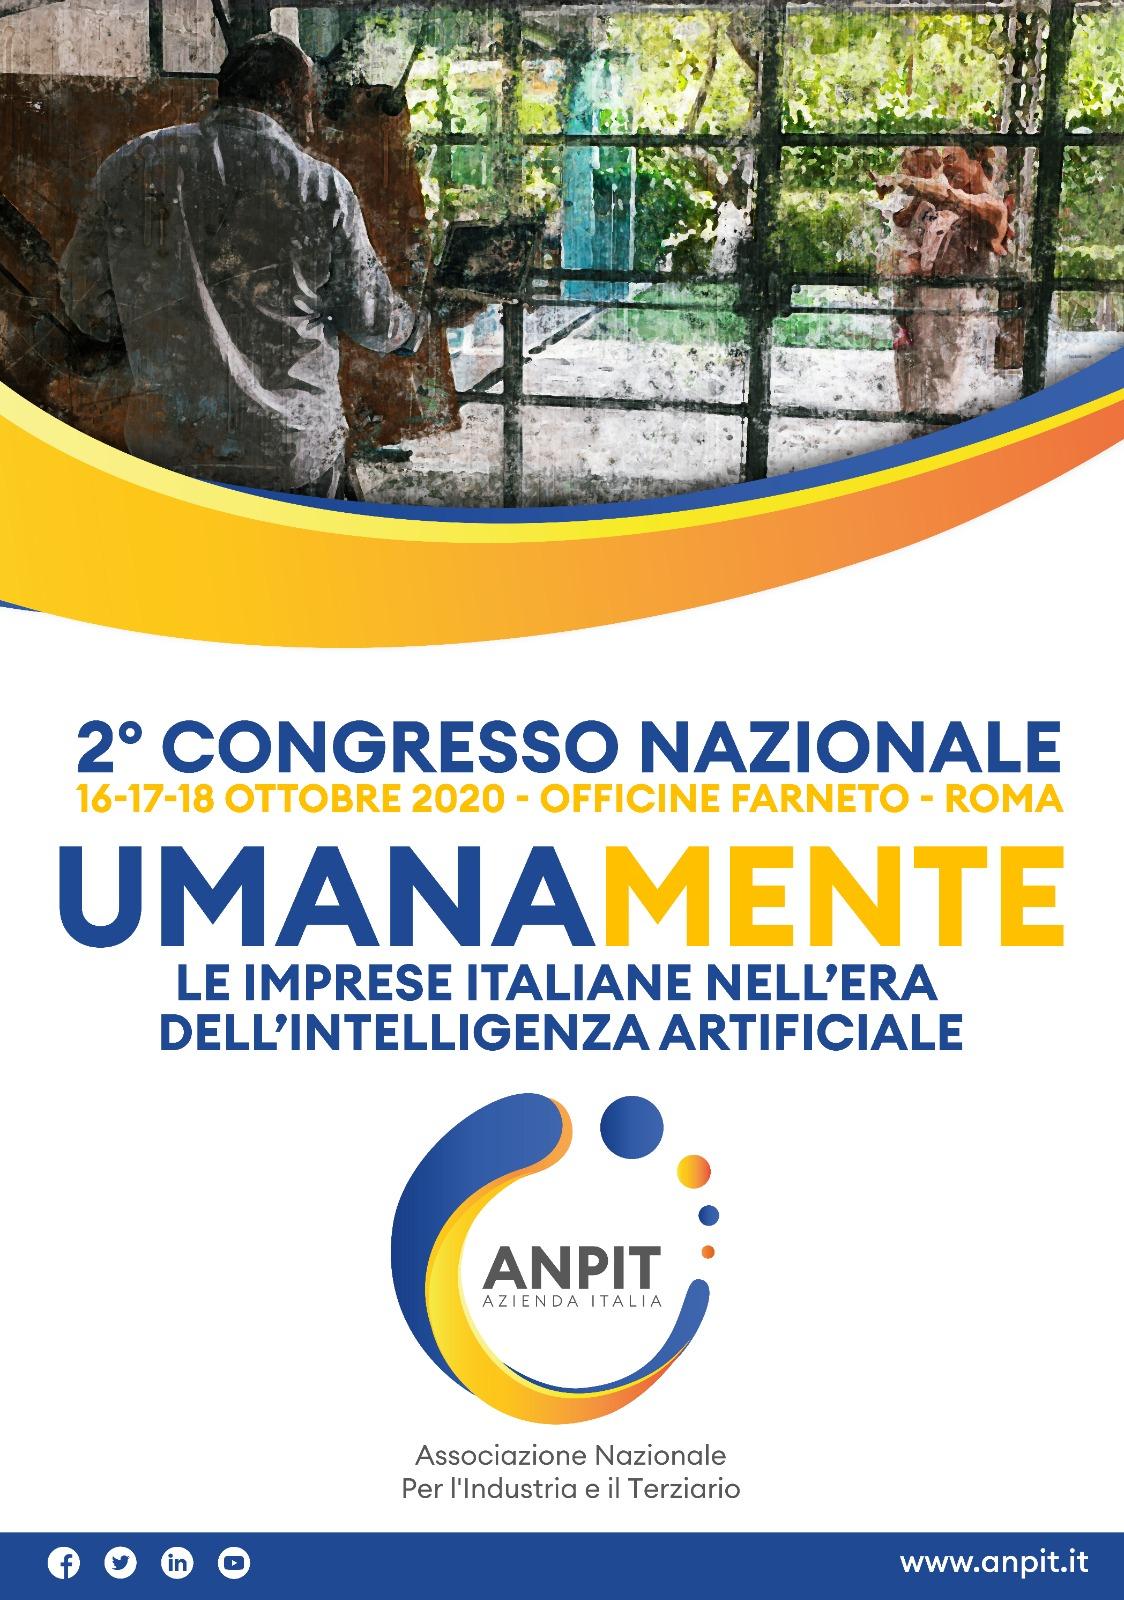 Congresso nazionale ANPIT 2020